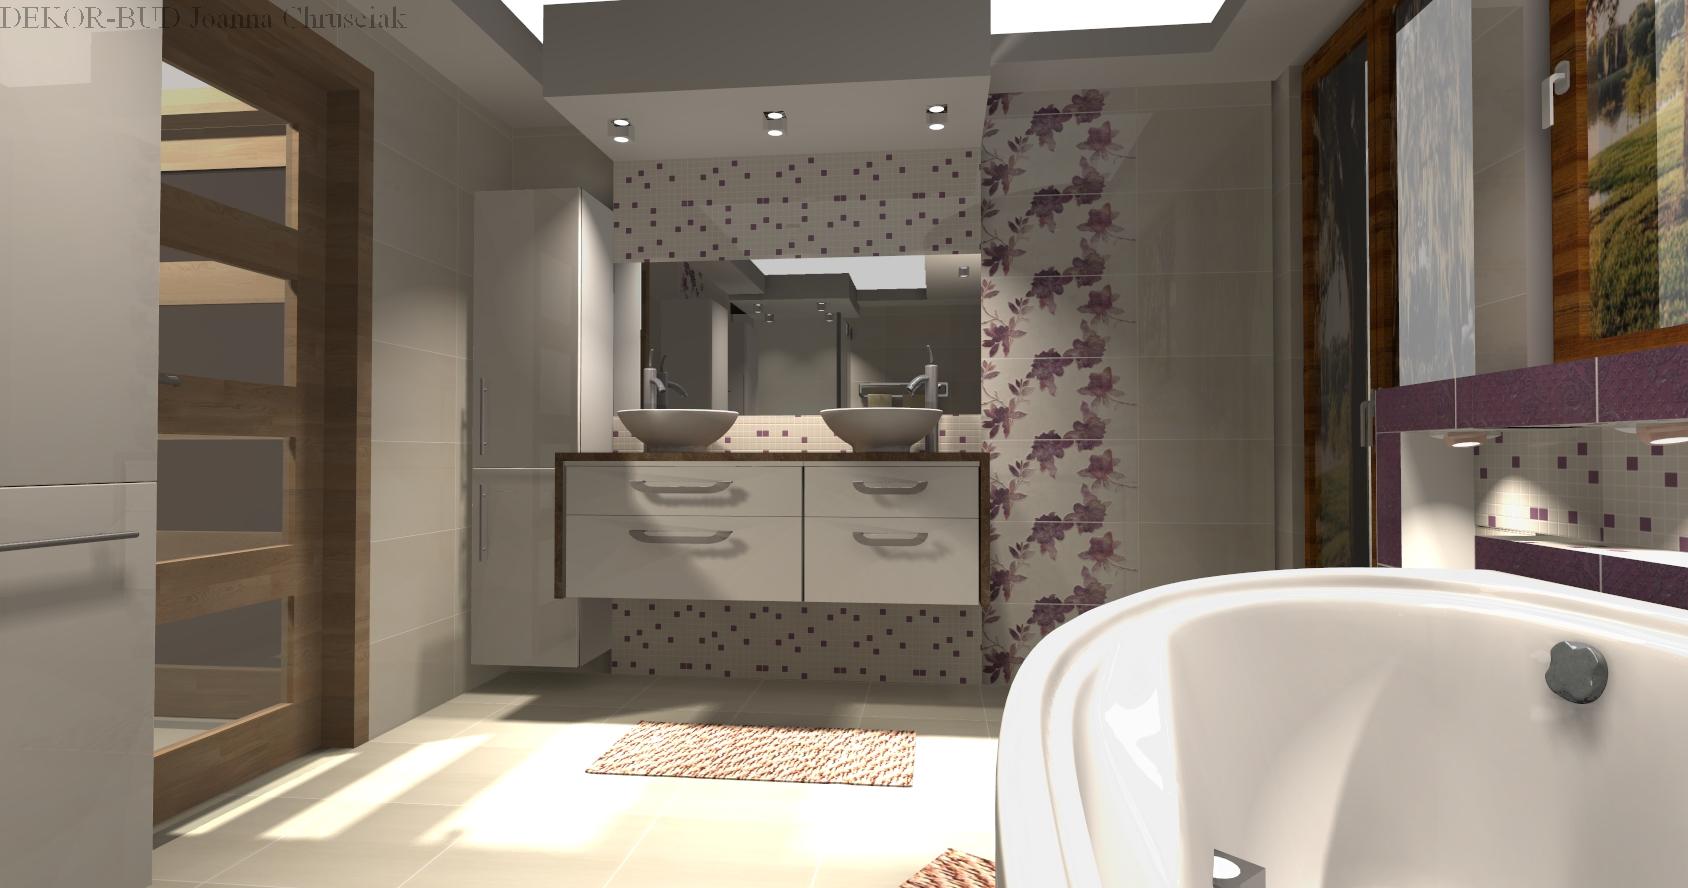 Łazienka w fiolecie -> Kuchnie W Fiolecie